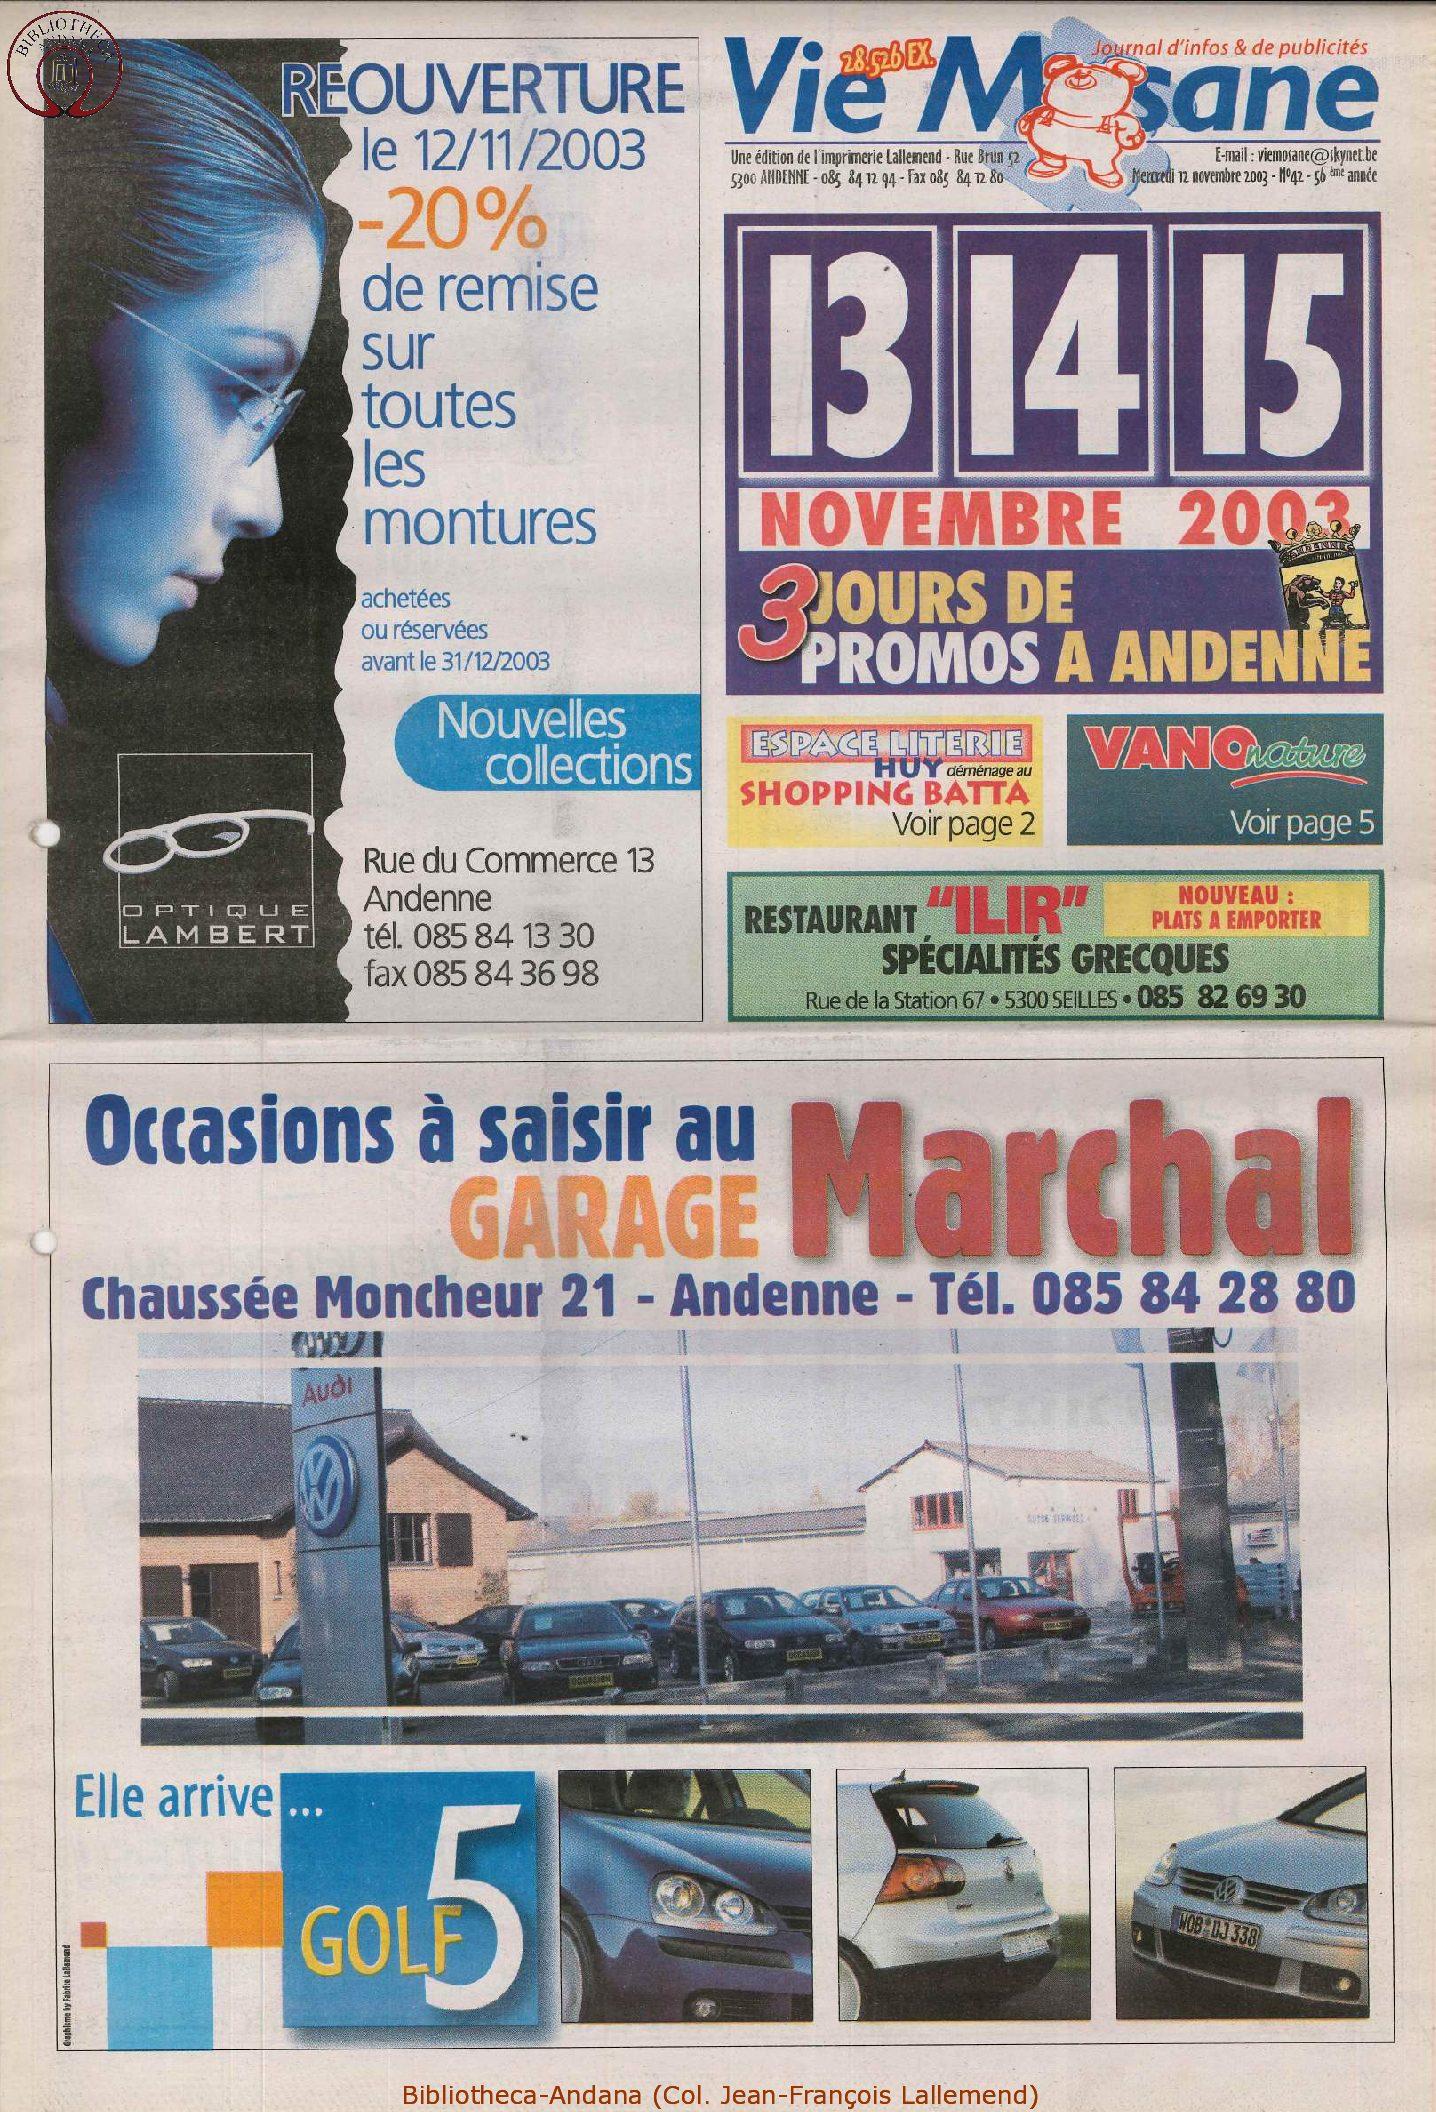 57e année - n°42 -12 novembre 2003